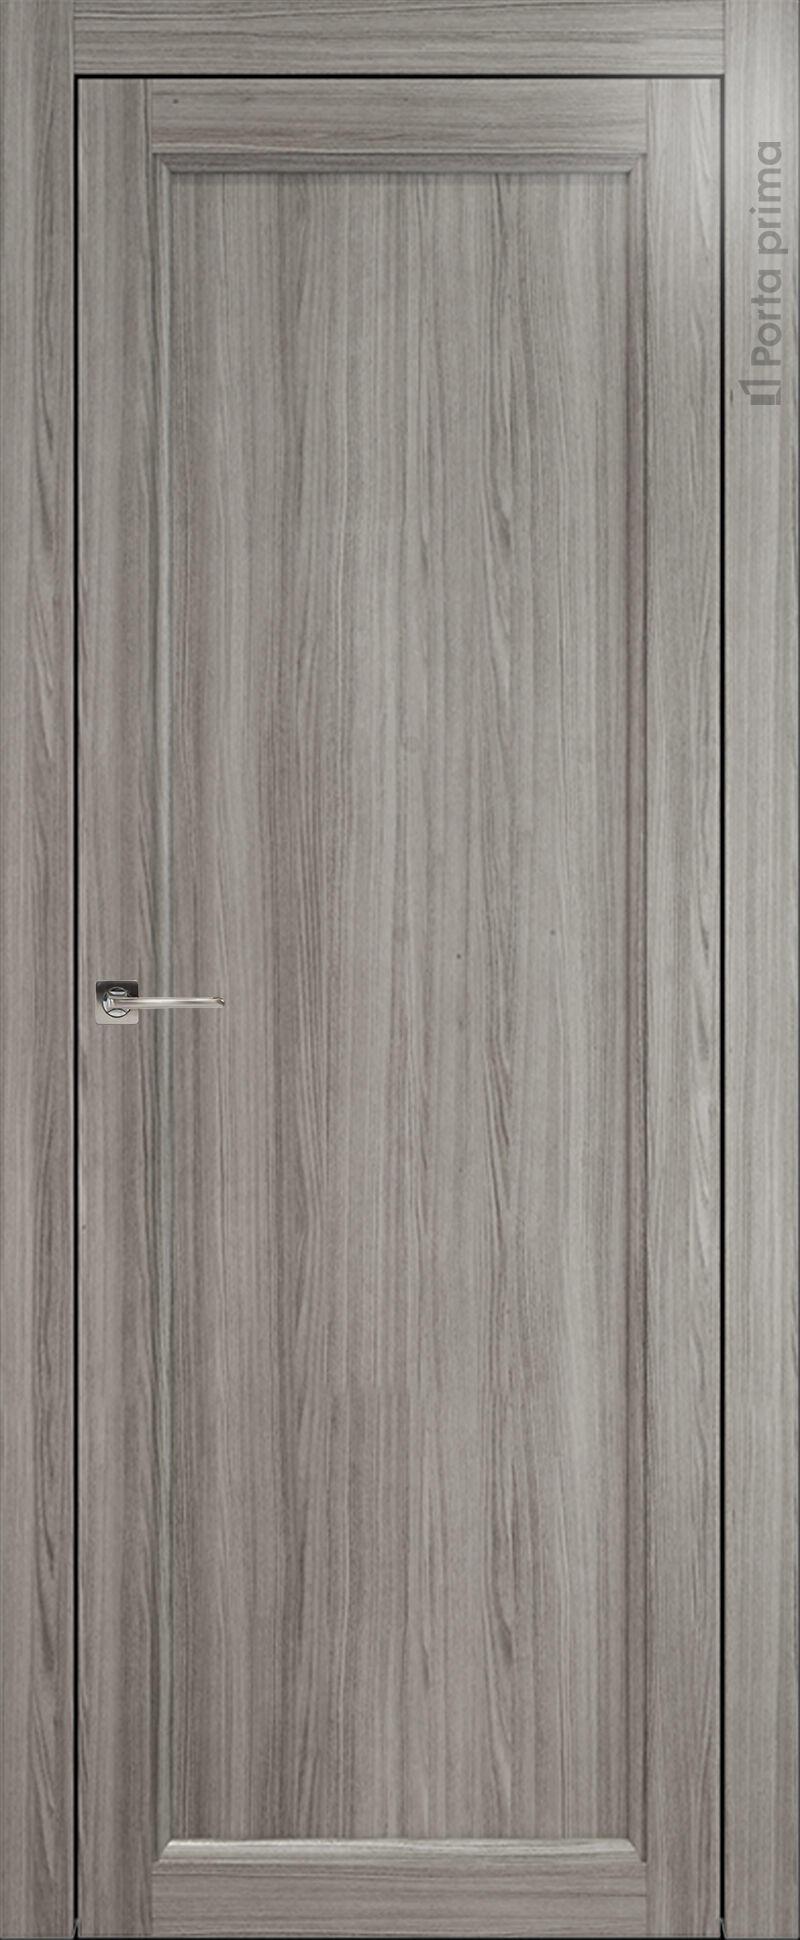 Sorrento-R А4 цвет - Орех пепельный Без стекла (ДГ)